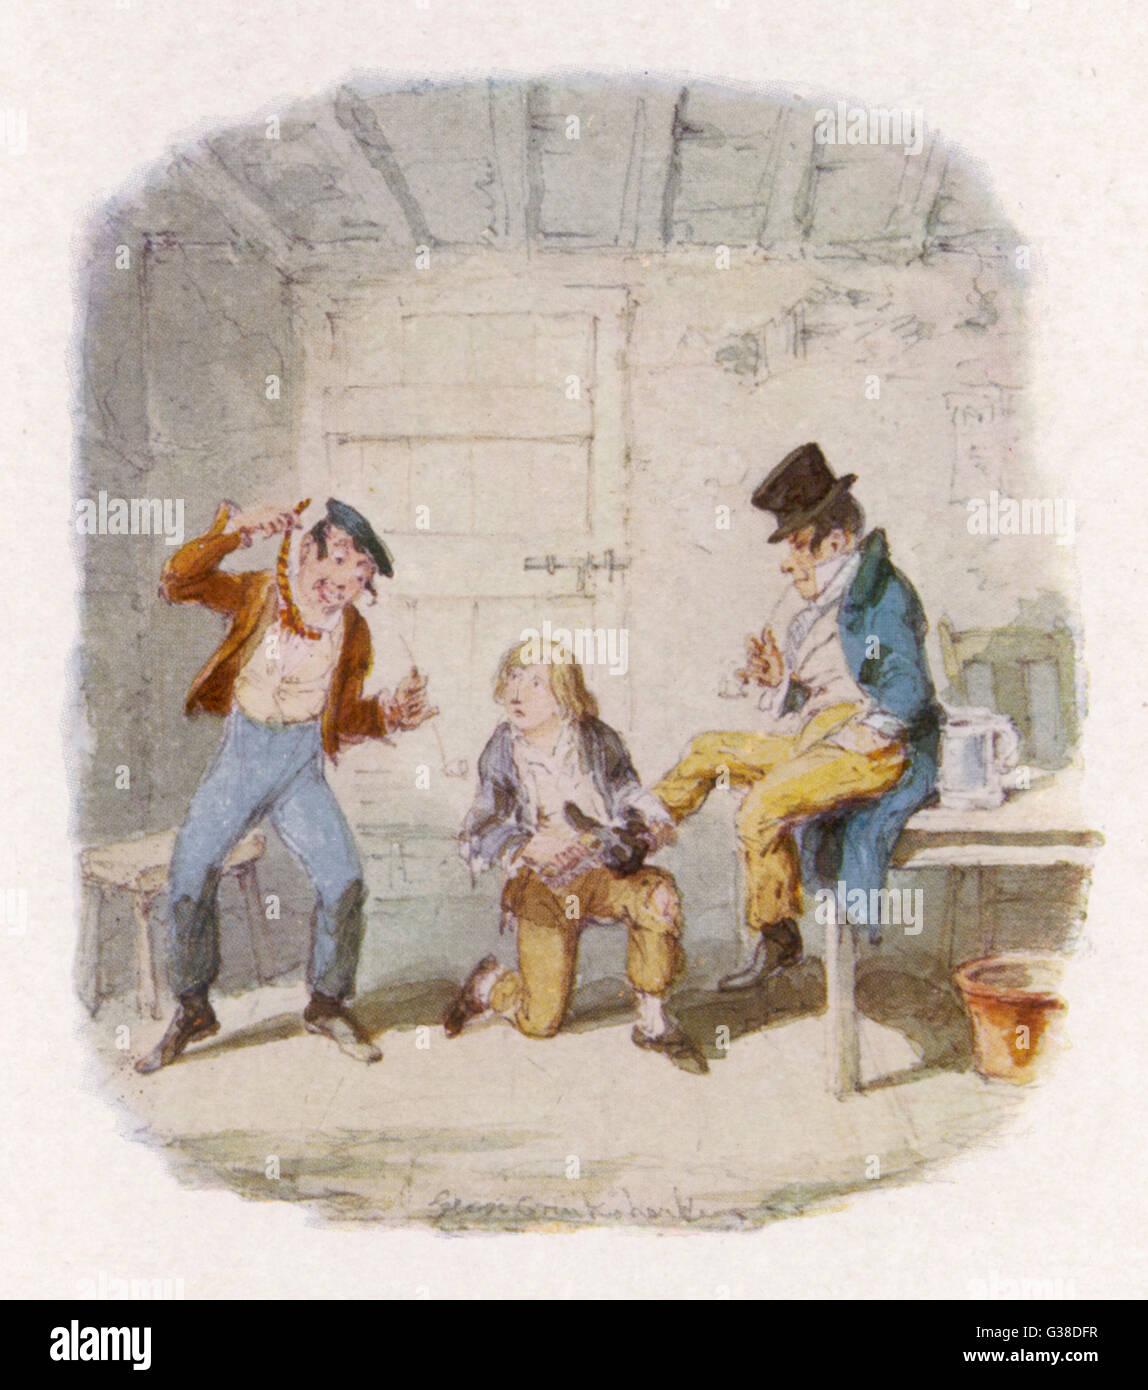 Artful Dodger und ein Komplize Lehren Oliver wie Taschendieb.        Datum: Erstveröffentlichung: 1836-37 Stockbild